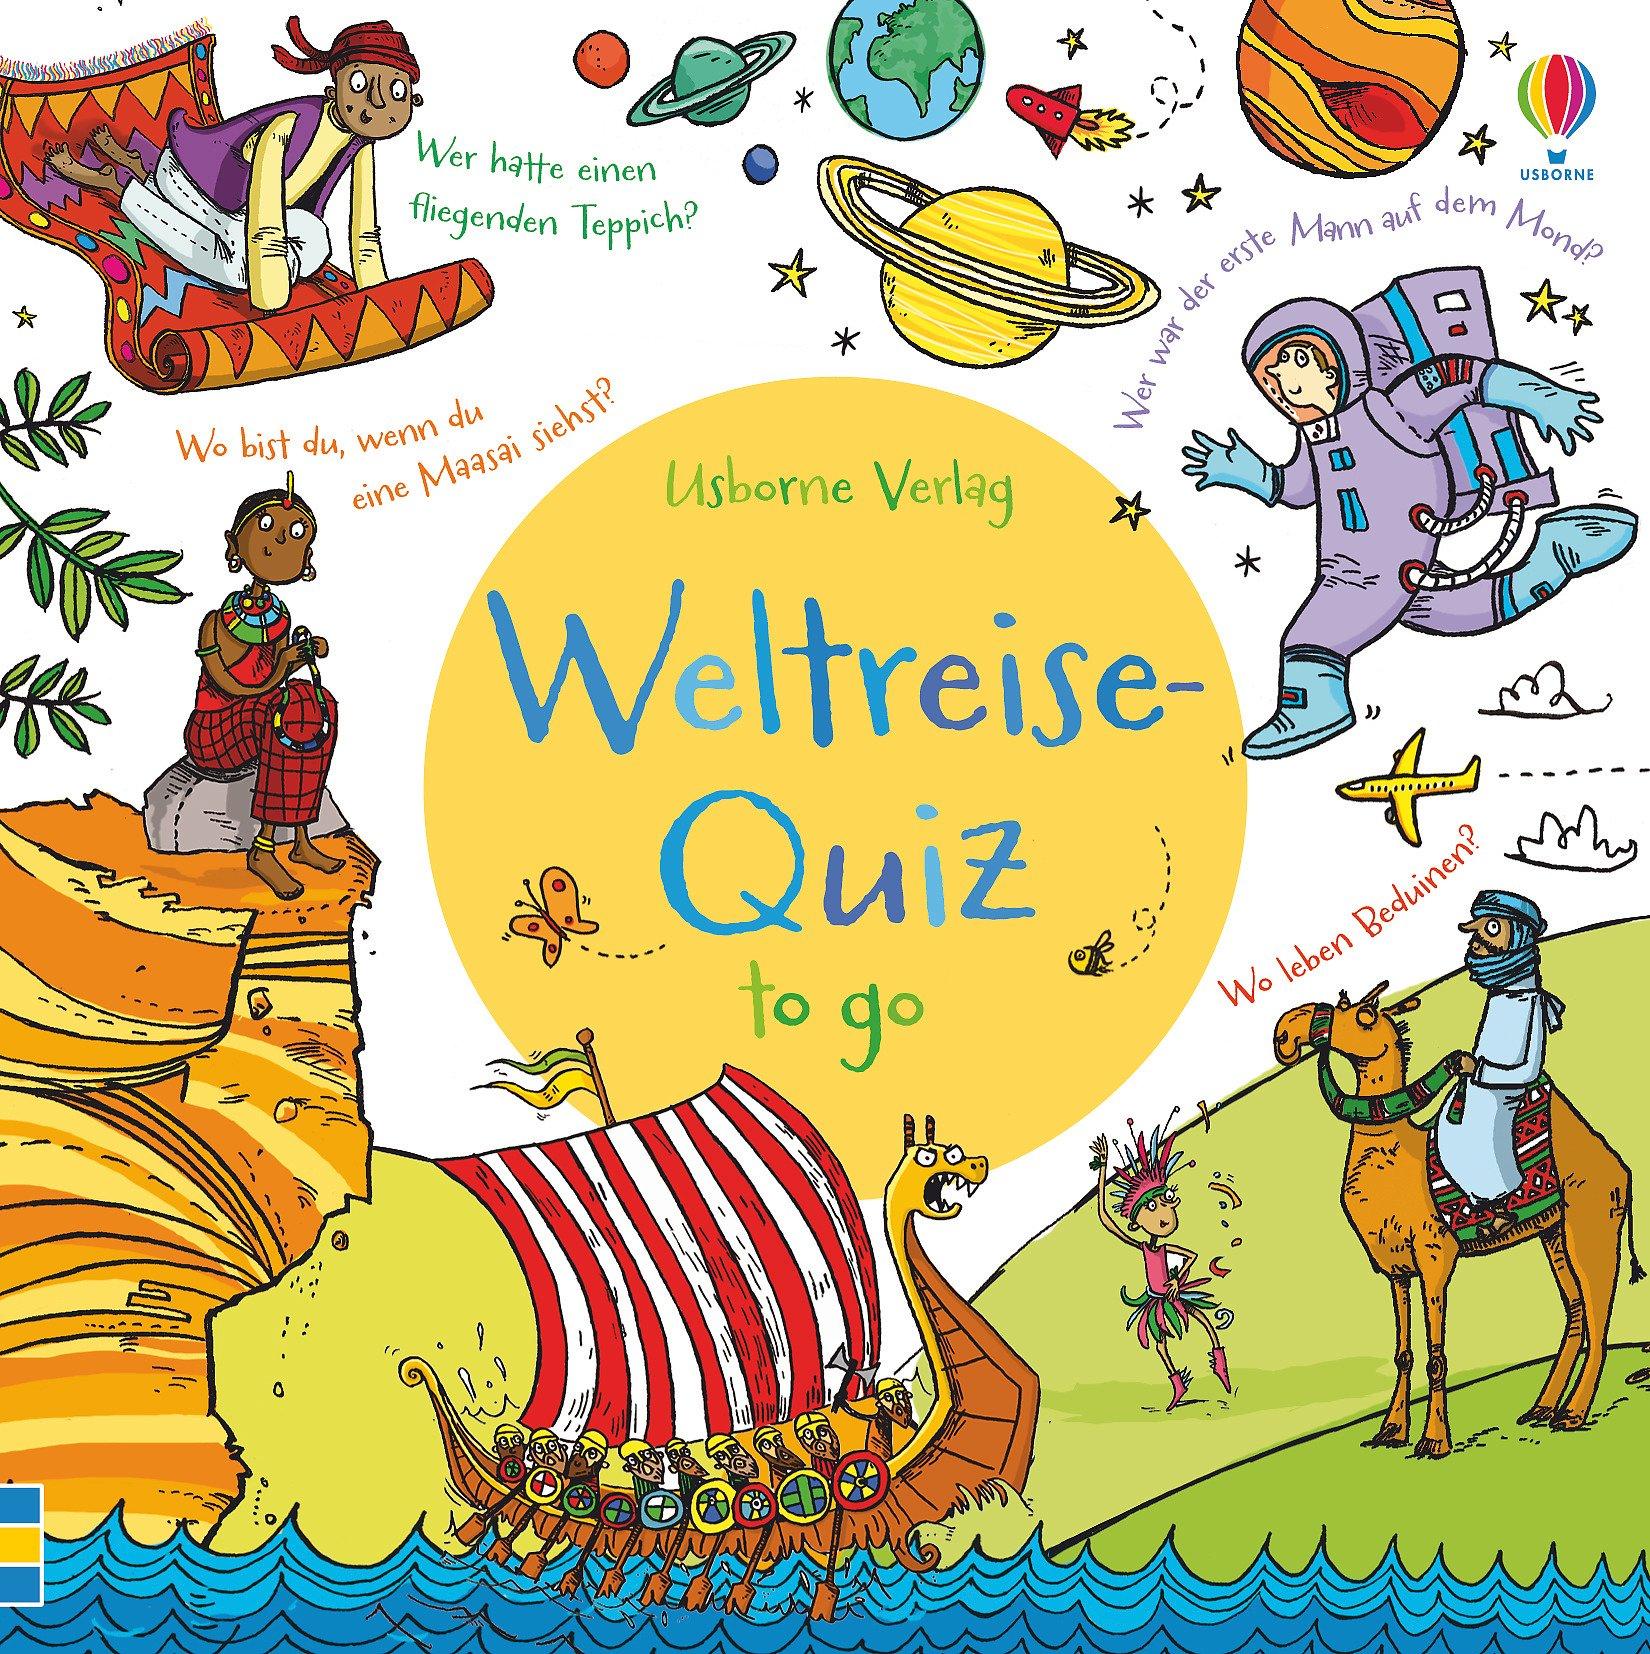 Weltreise-Quiz to go